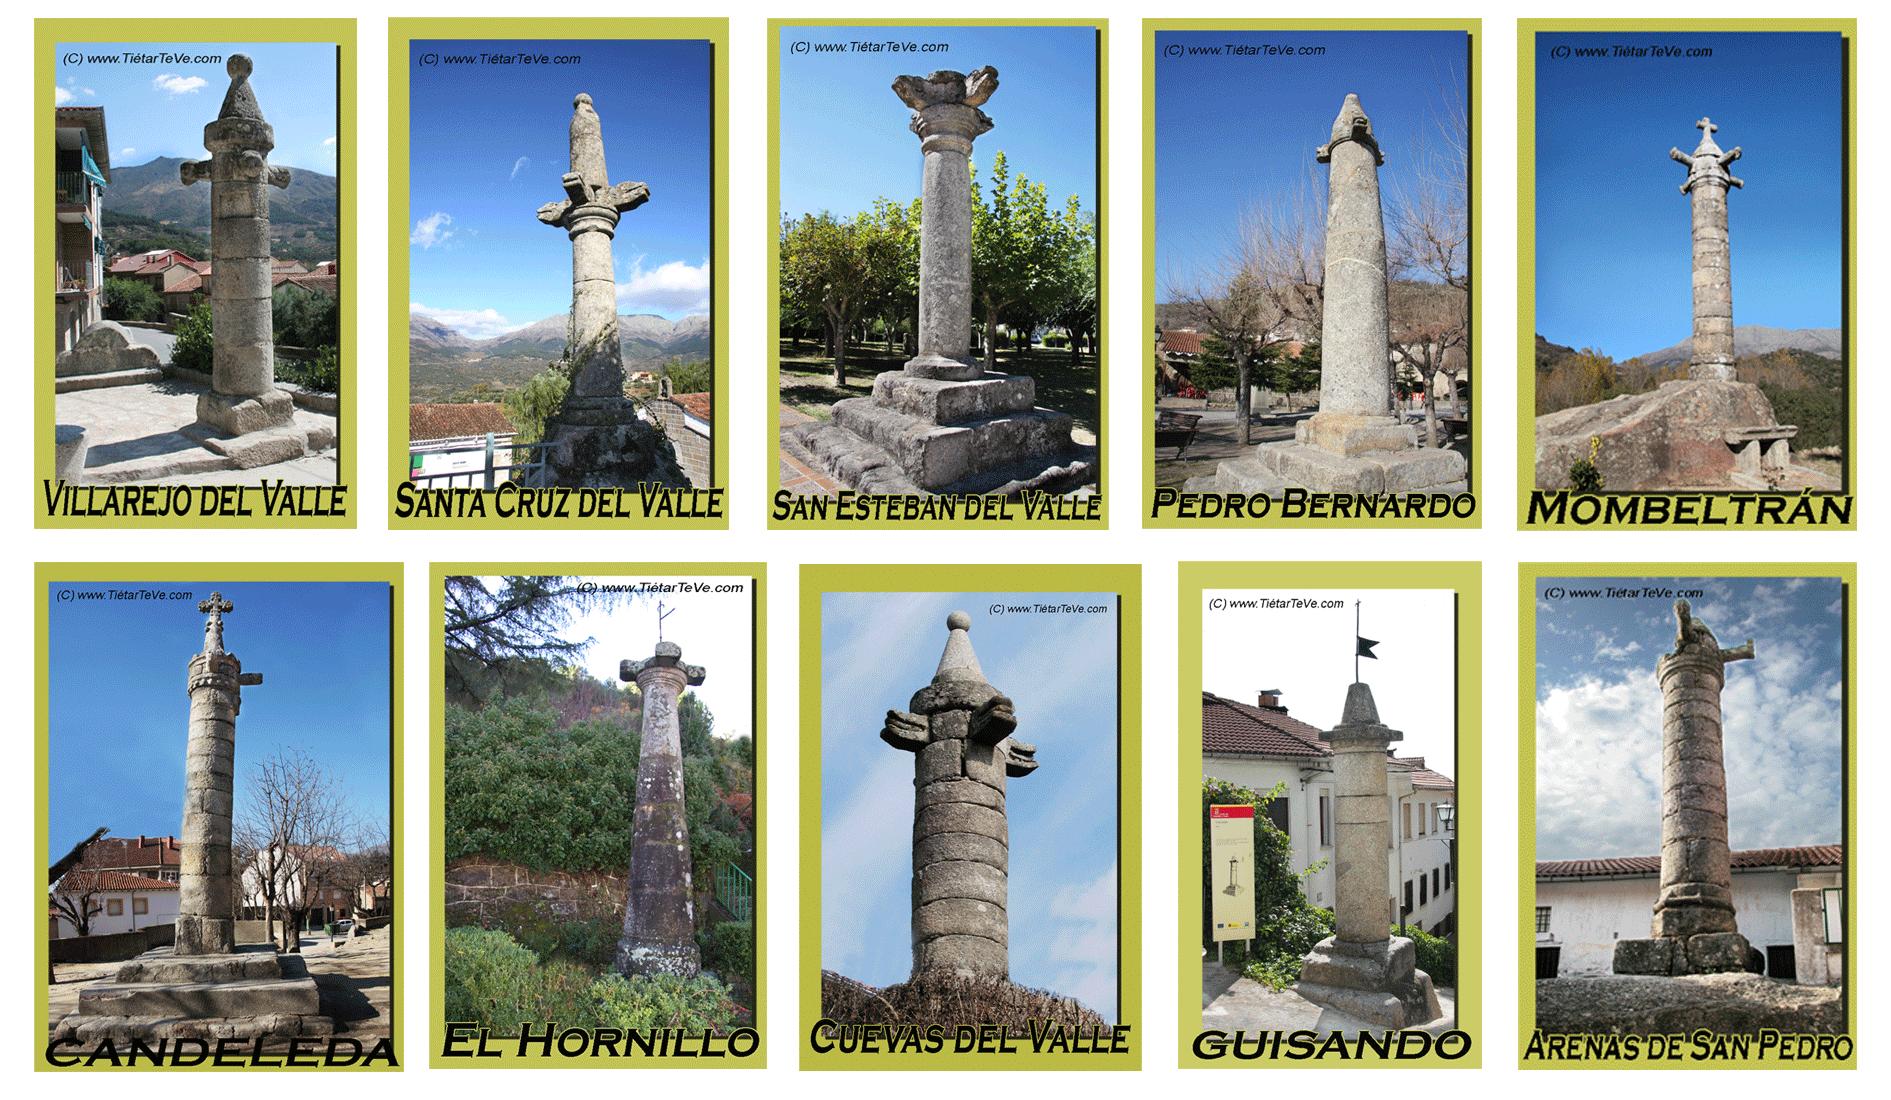 Bienes de Interés Cultural en el Valle del Tiétar - 4 de 4